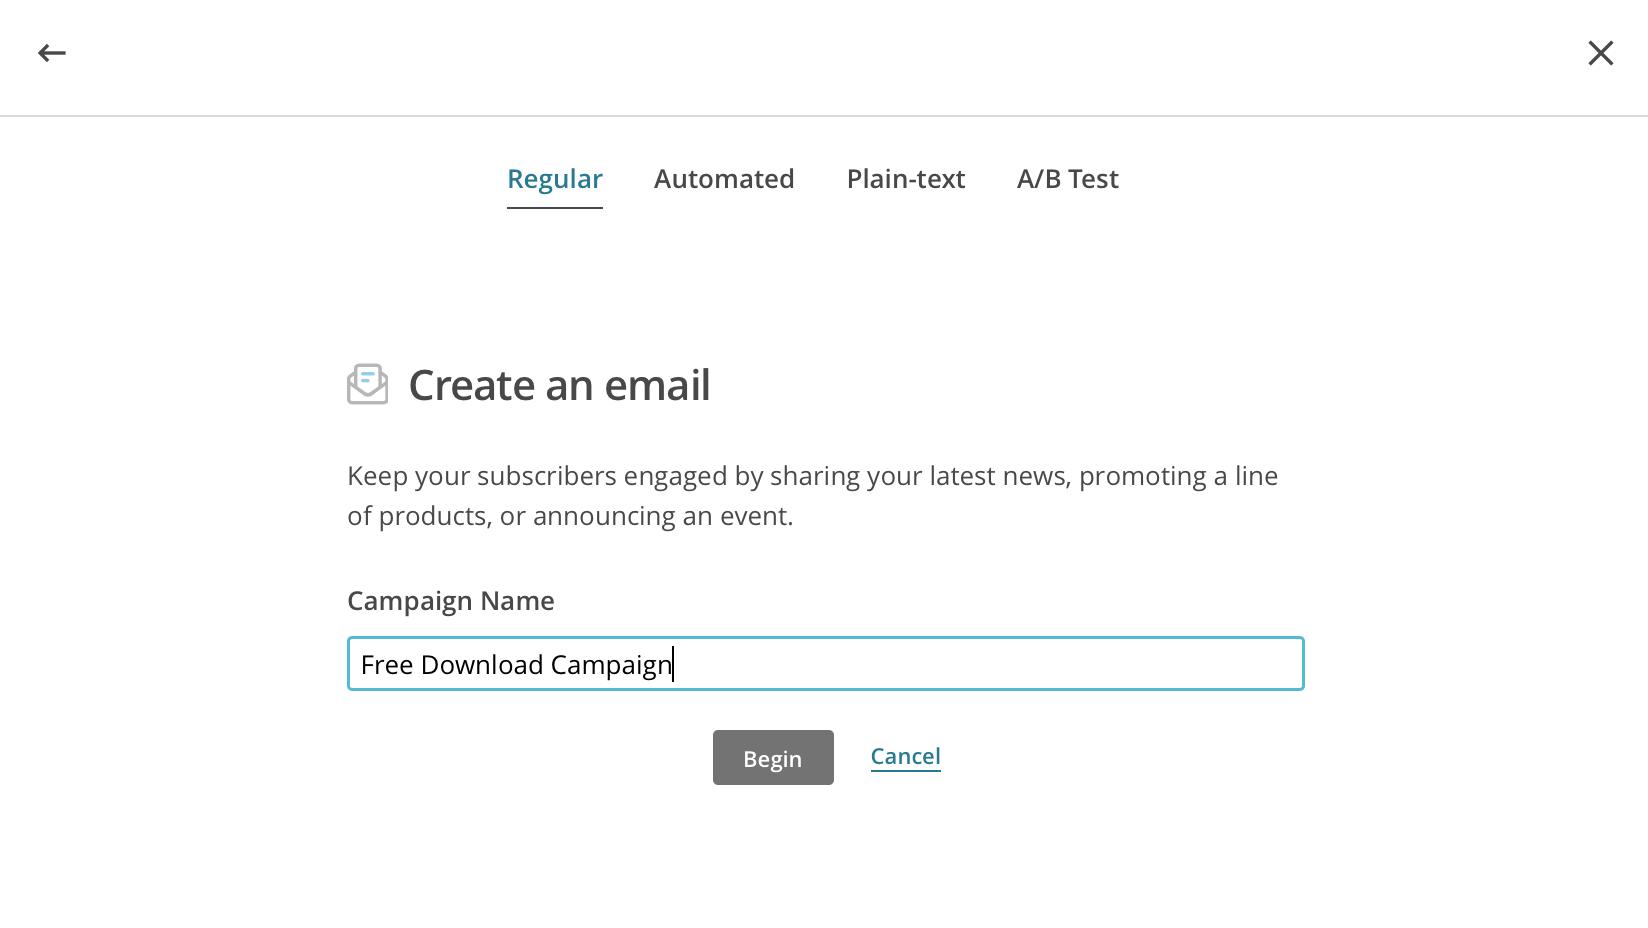 Reguläre E-Mail Kampagne erstellen